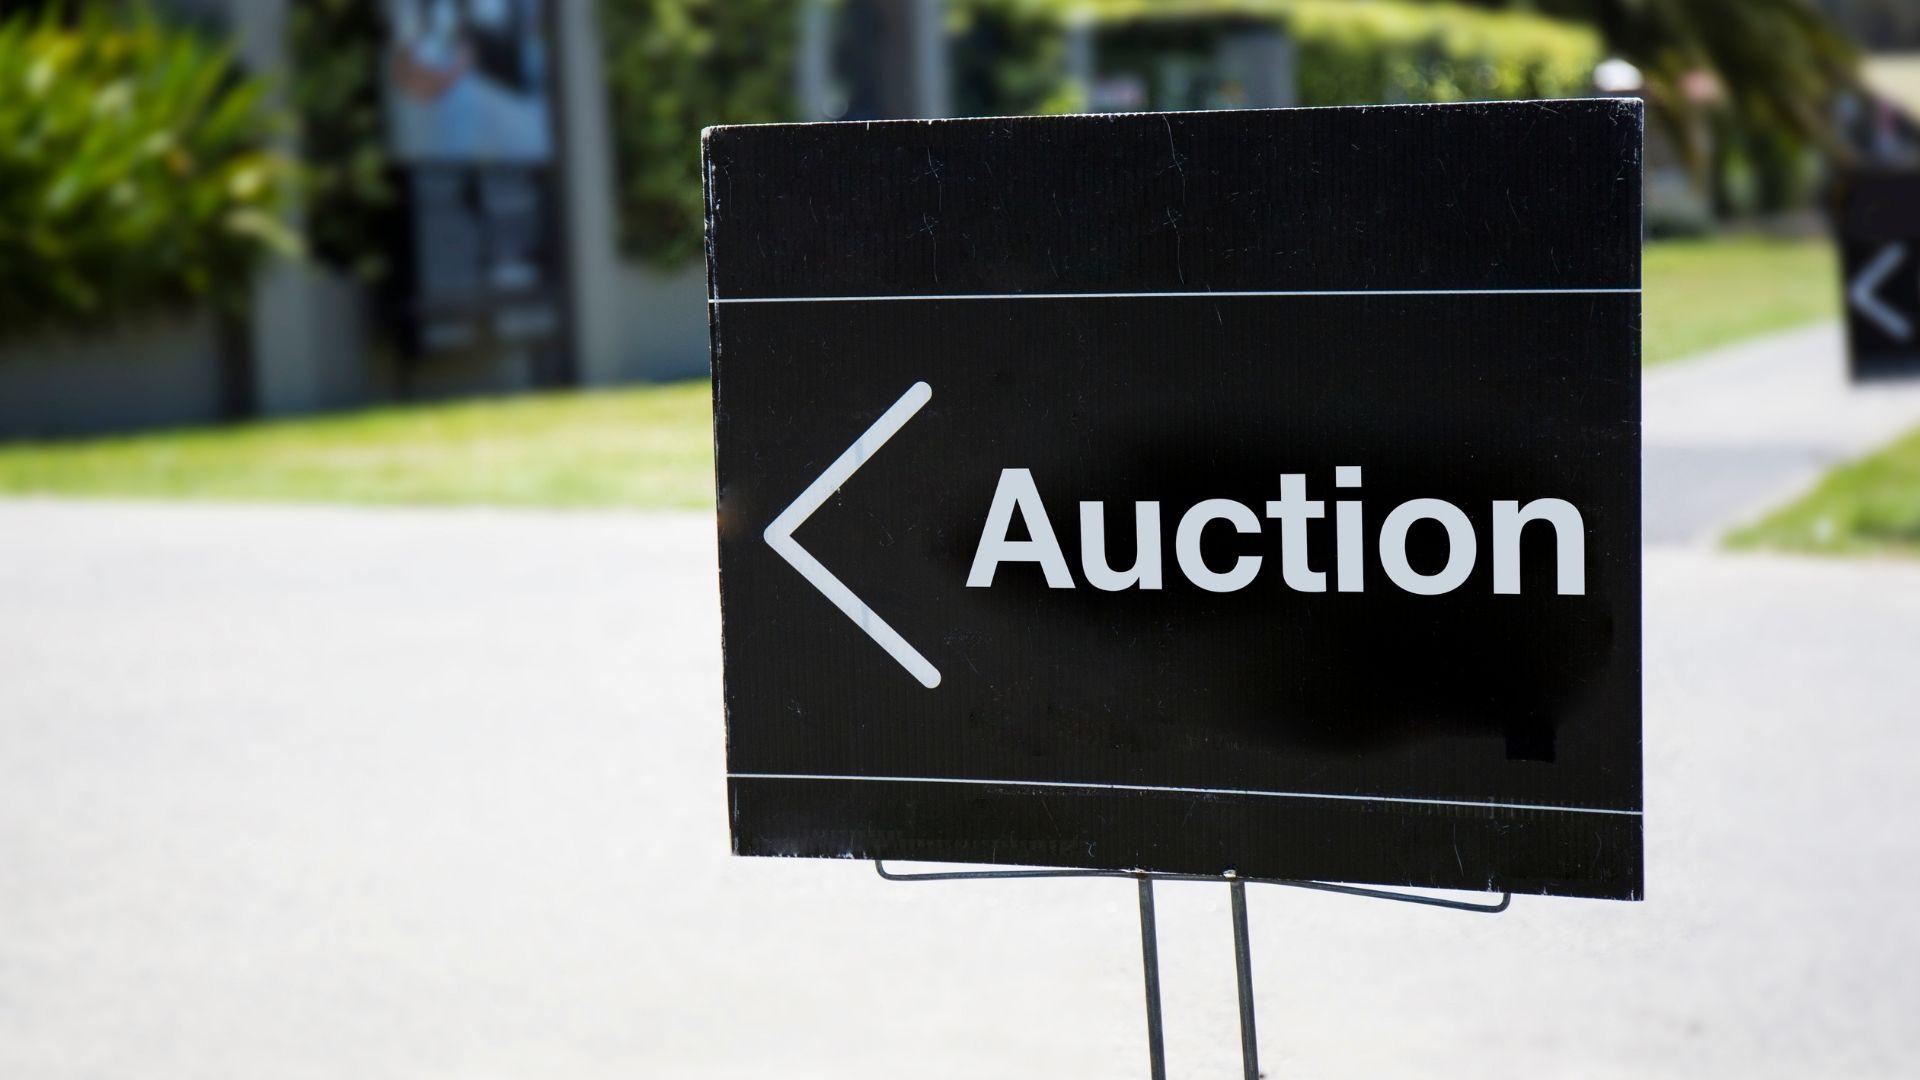 A neighborhood auction sign